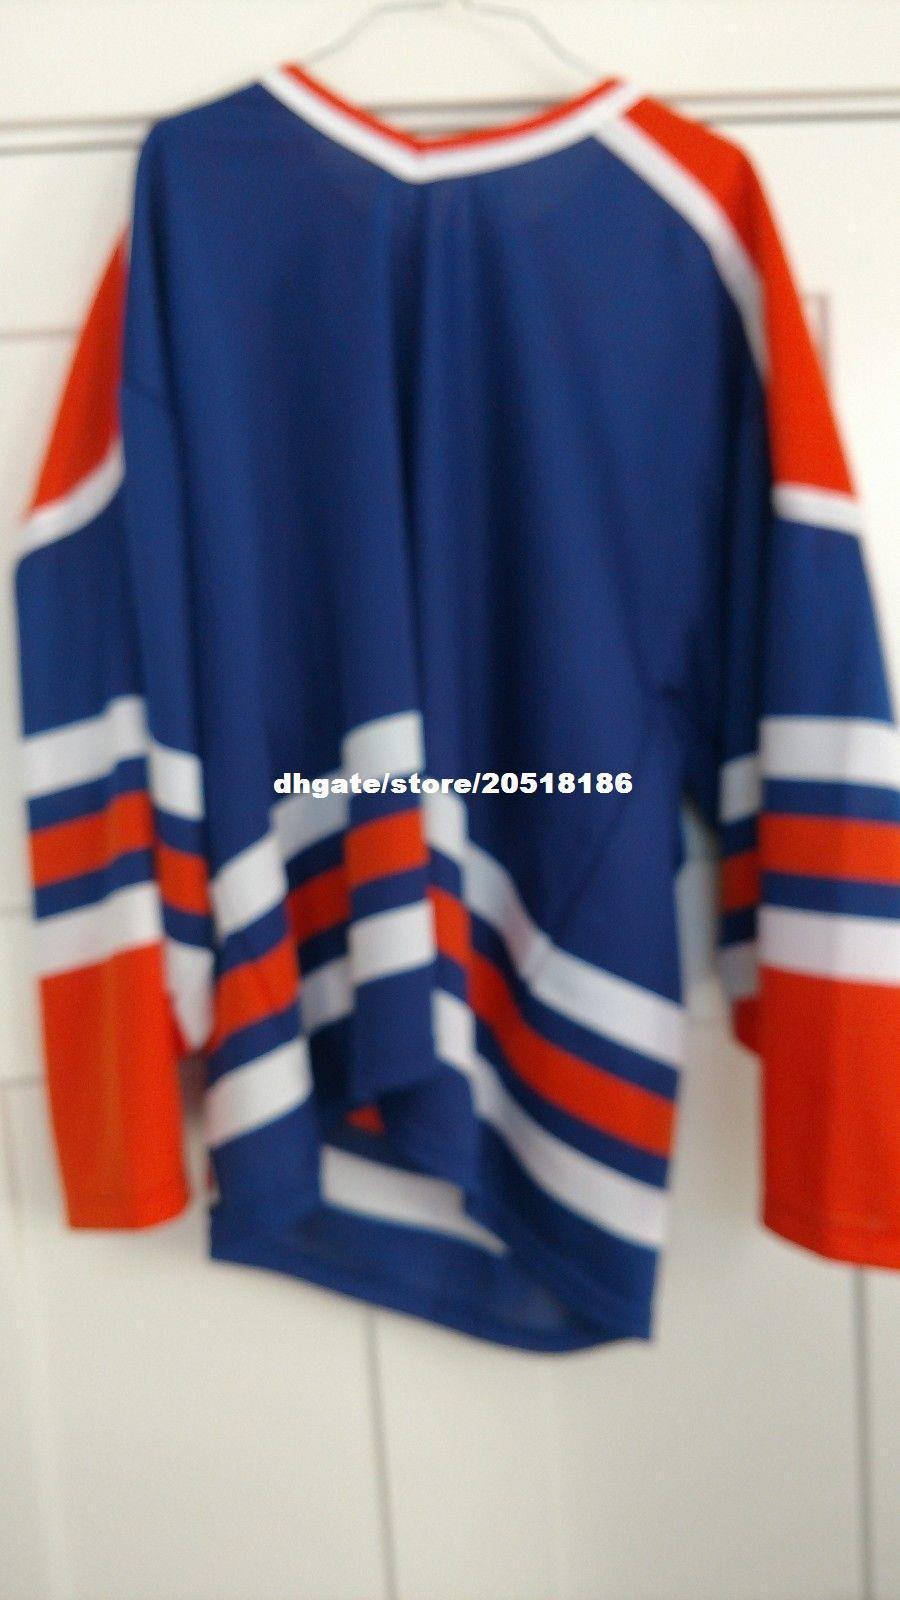 1ef758284 Cheap Custom Edmonton Oilers Style SP Jerseys Stitched Men s Hockey Jersey  Stitched Jerseys OHL Hockey Jerseys CHL Hockey Jerseys Online with   63.39 Piece ...